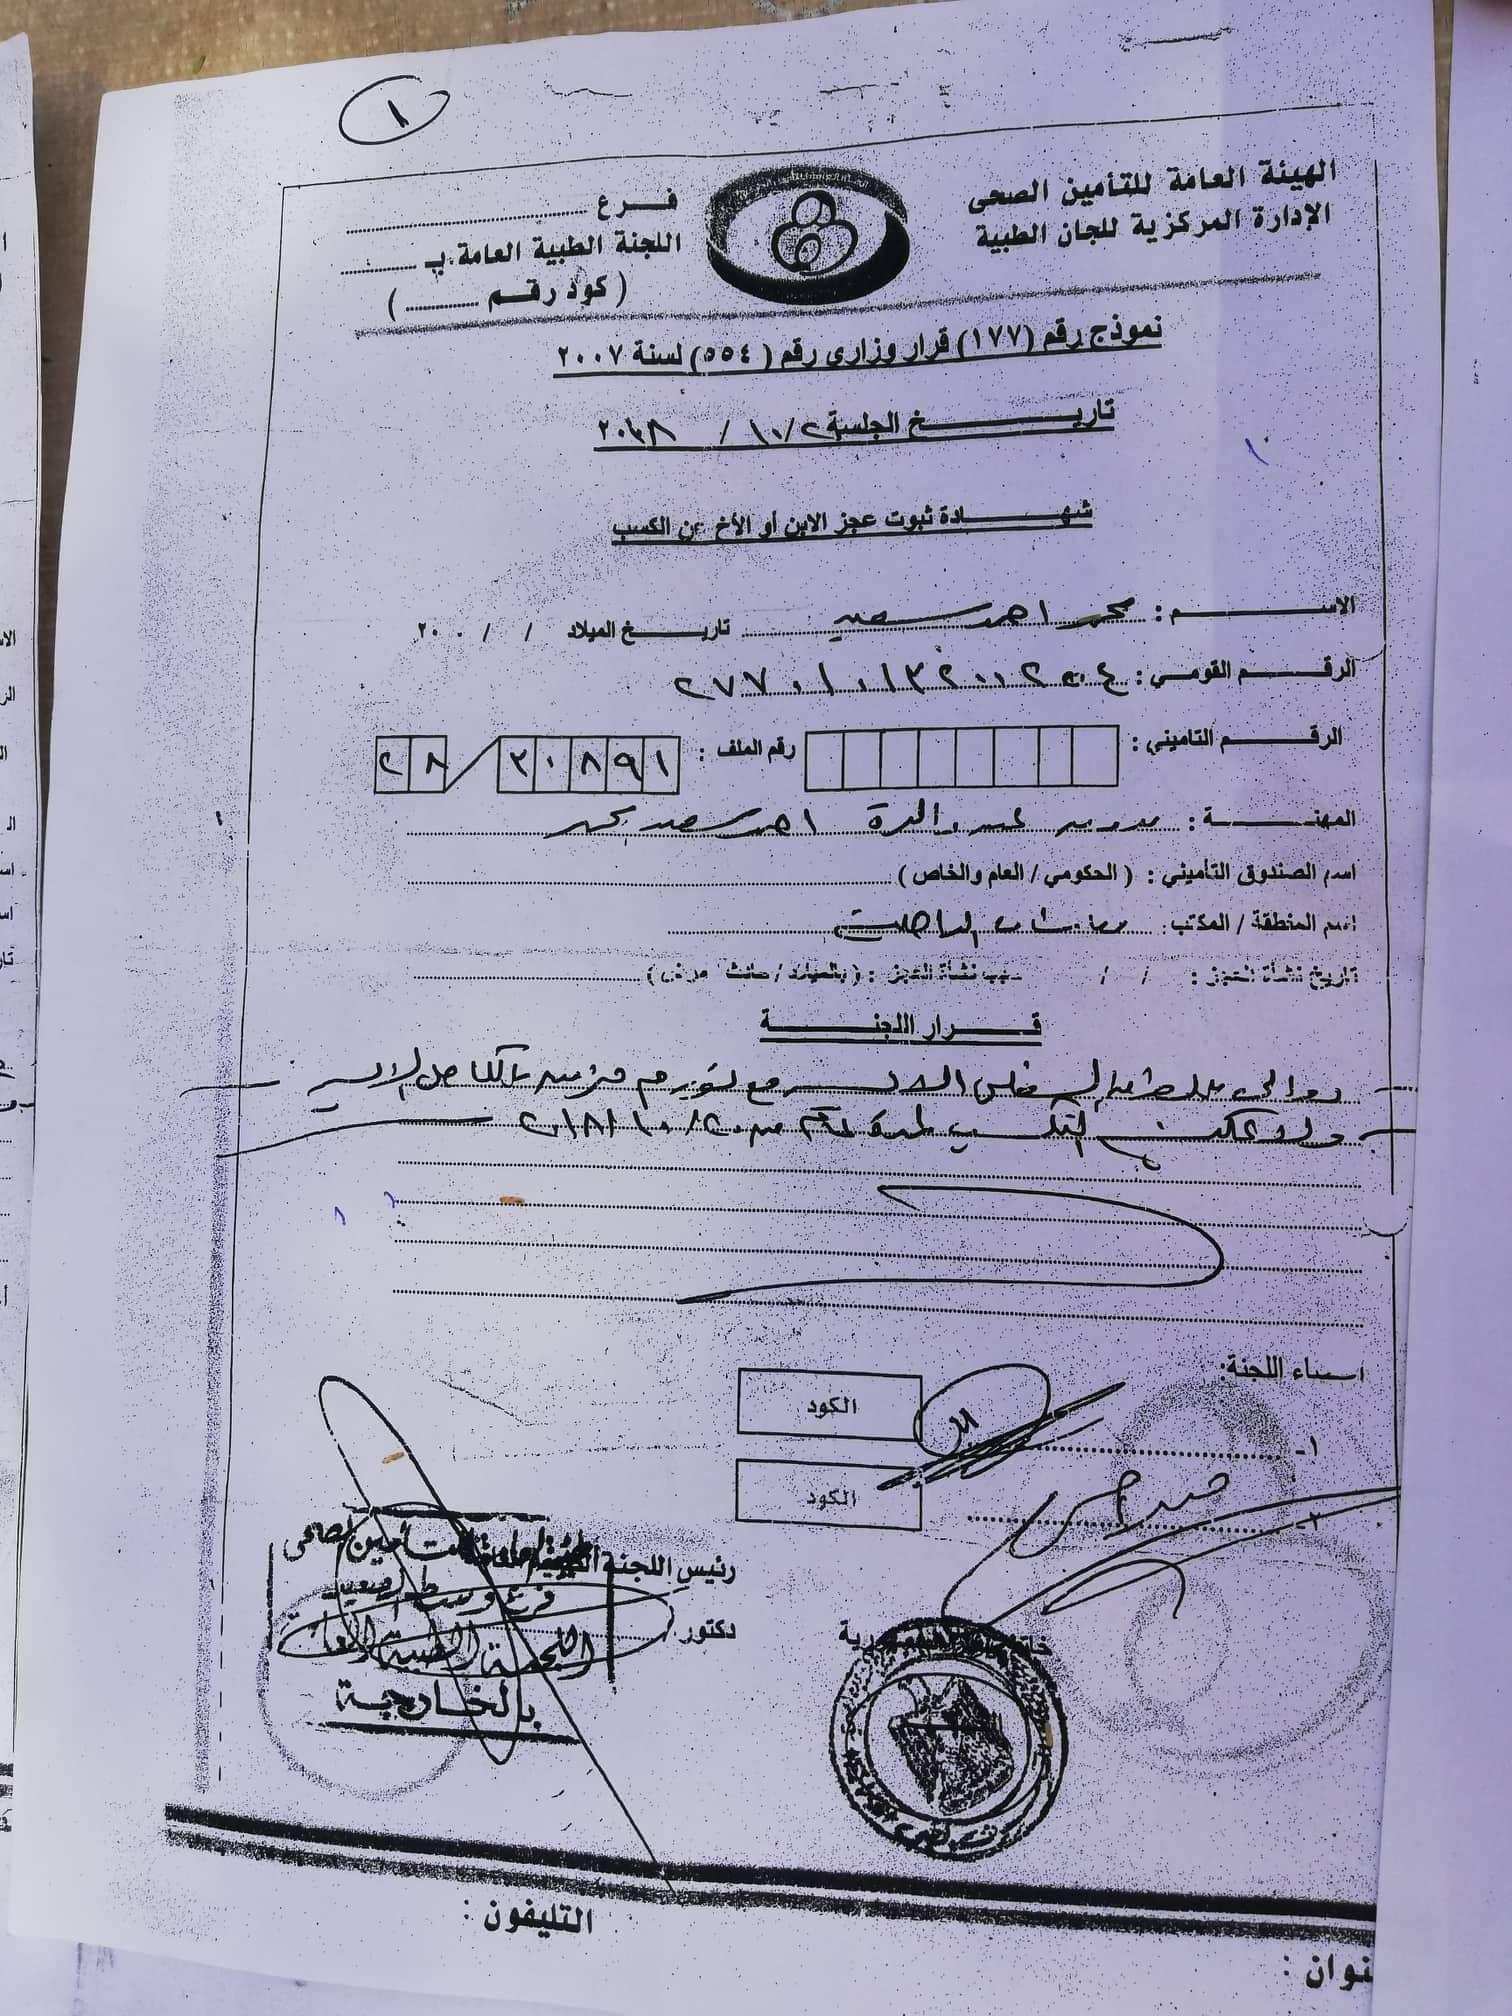 محمد أحمد سعيد شاب من أهالى مدينة موط بالداخلة (6)